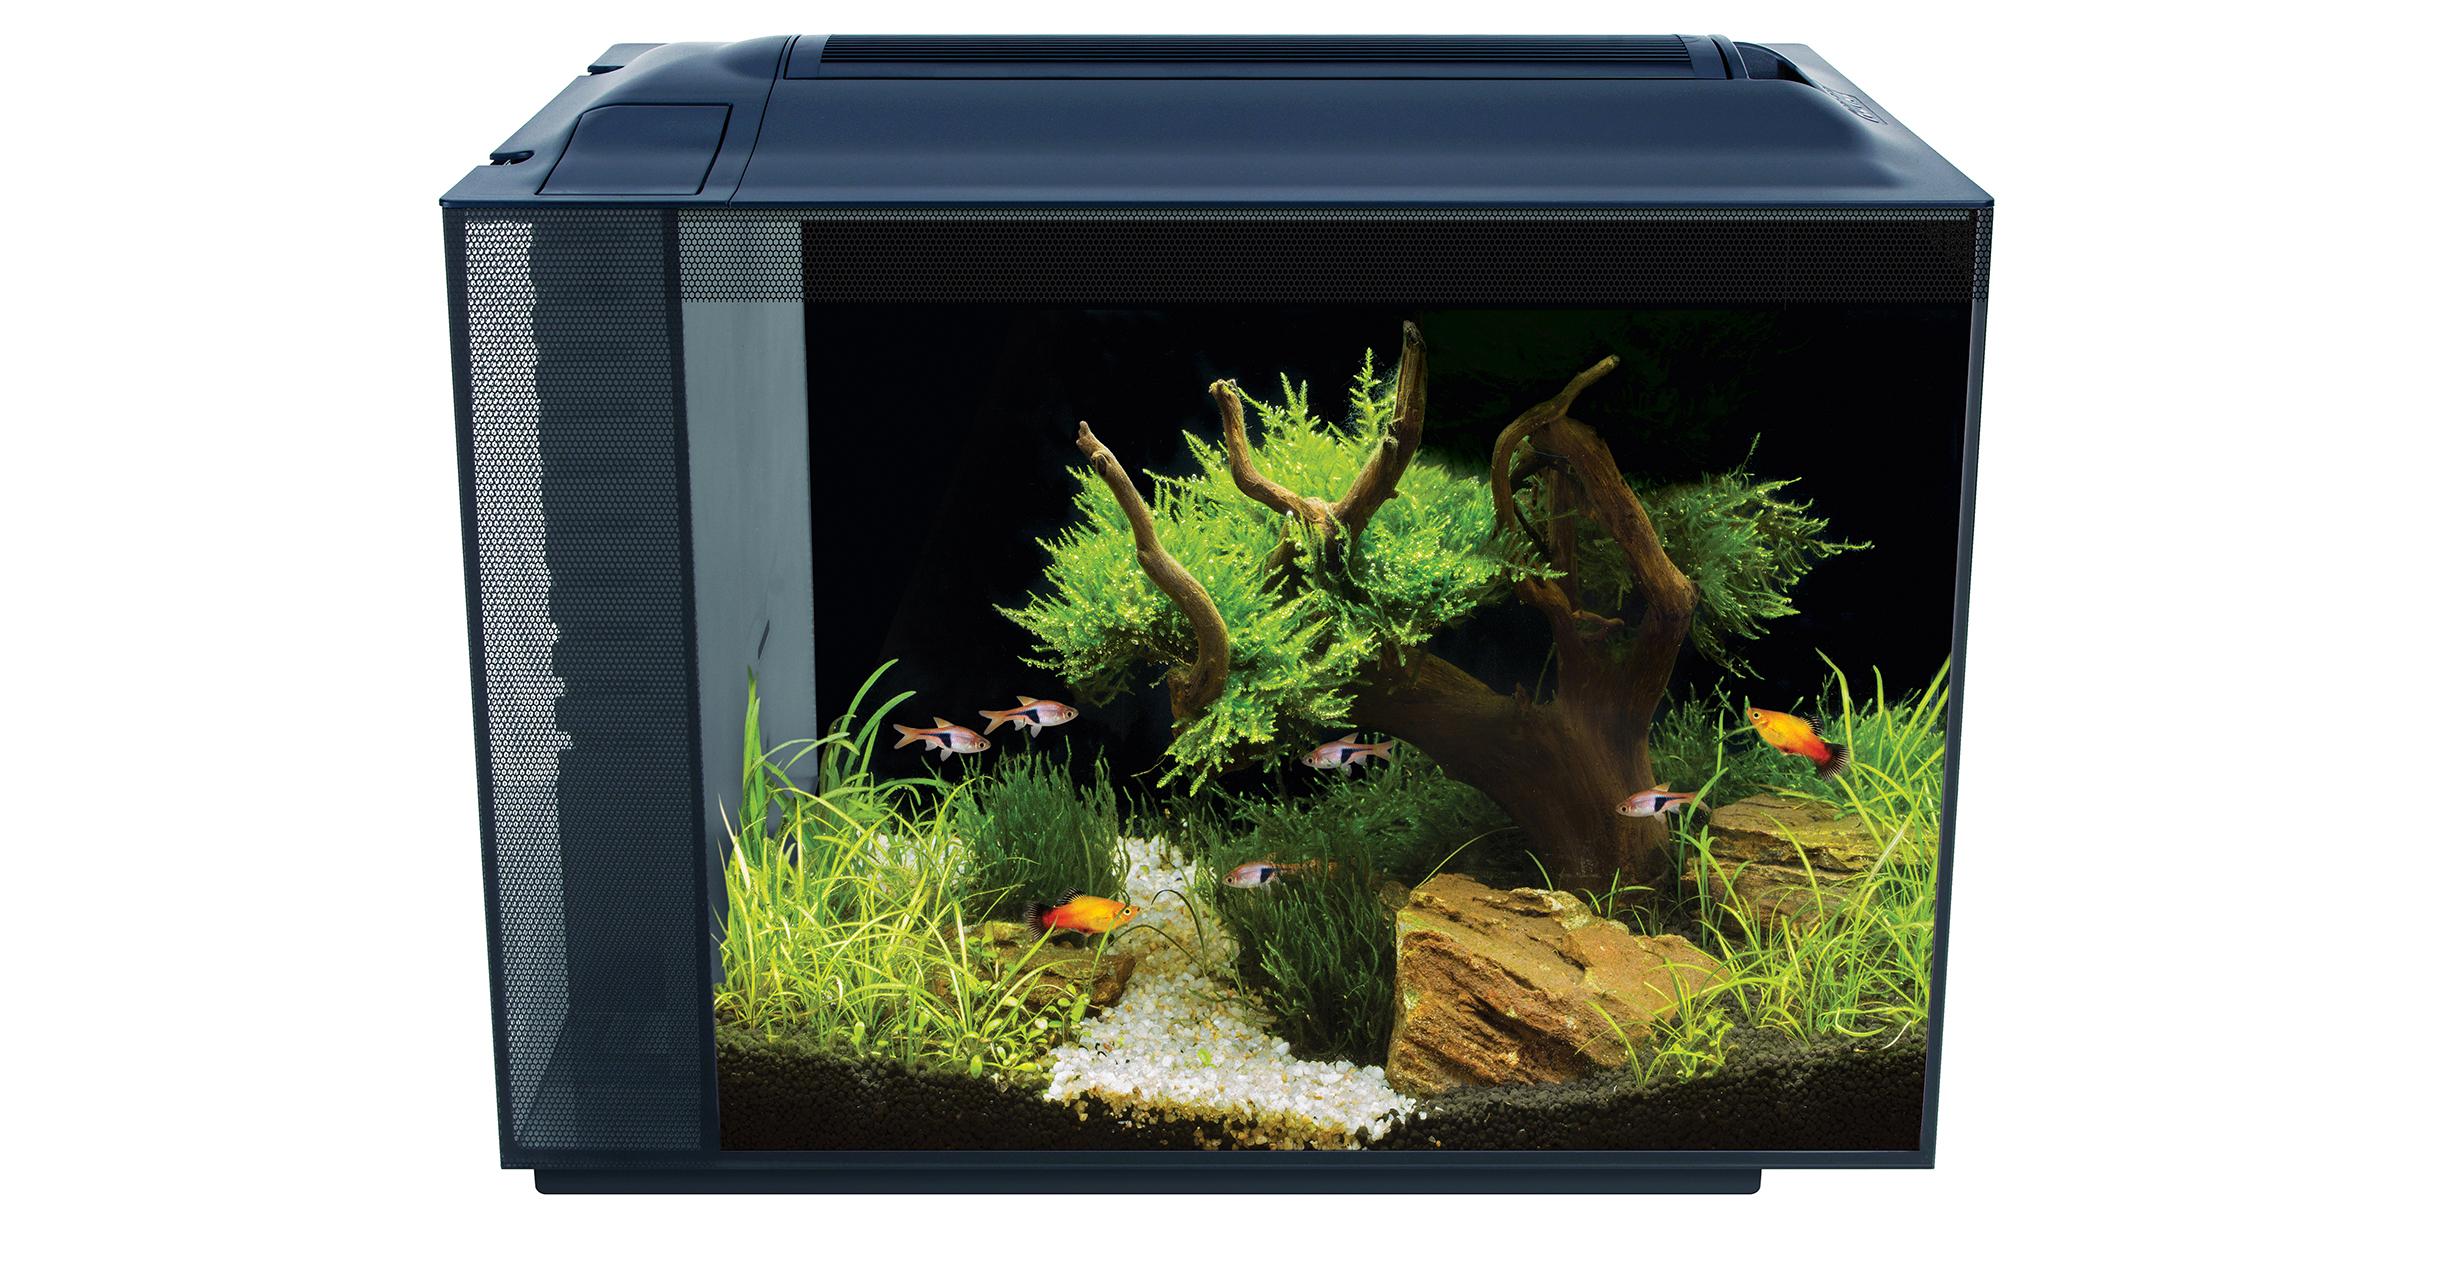 fluval spec xv 60 liter tisch aquarien aquarien aquaristik hagen service deutsch. Black Bedroom Furniture Sets. Home Design Ideas